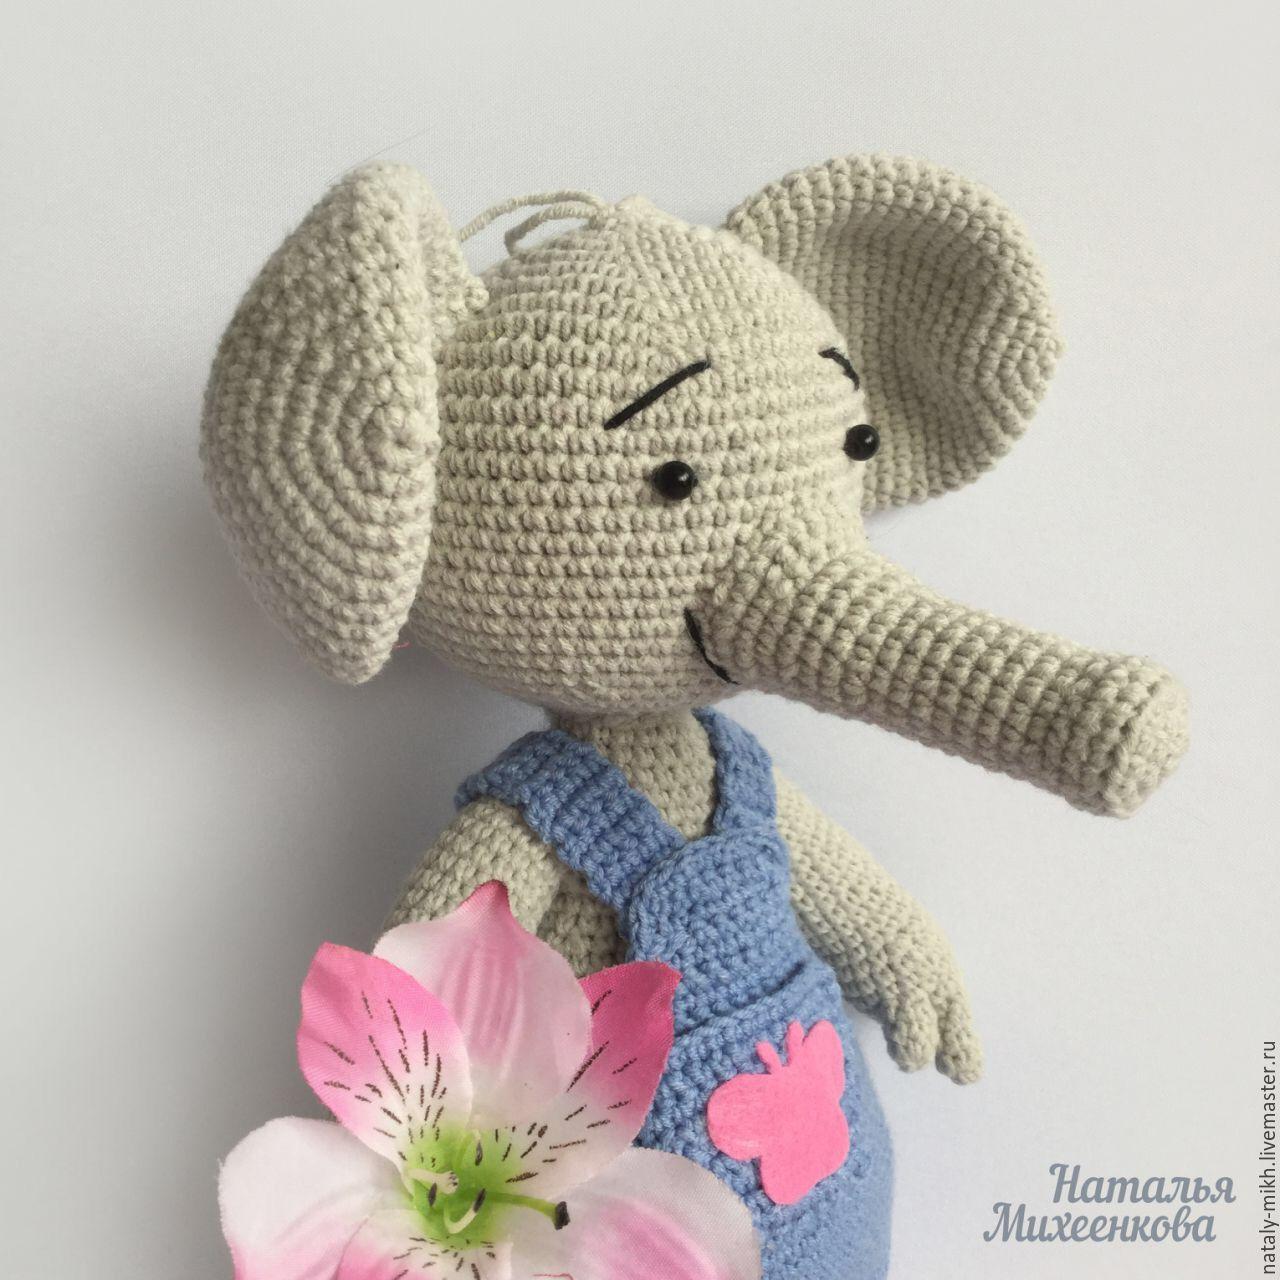 Игрушки животные, ручной работы. Ярмарка Мастеров - ручная работа. Купить Вязаный слоник Тома. Handmade. Вязание крючком